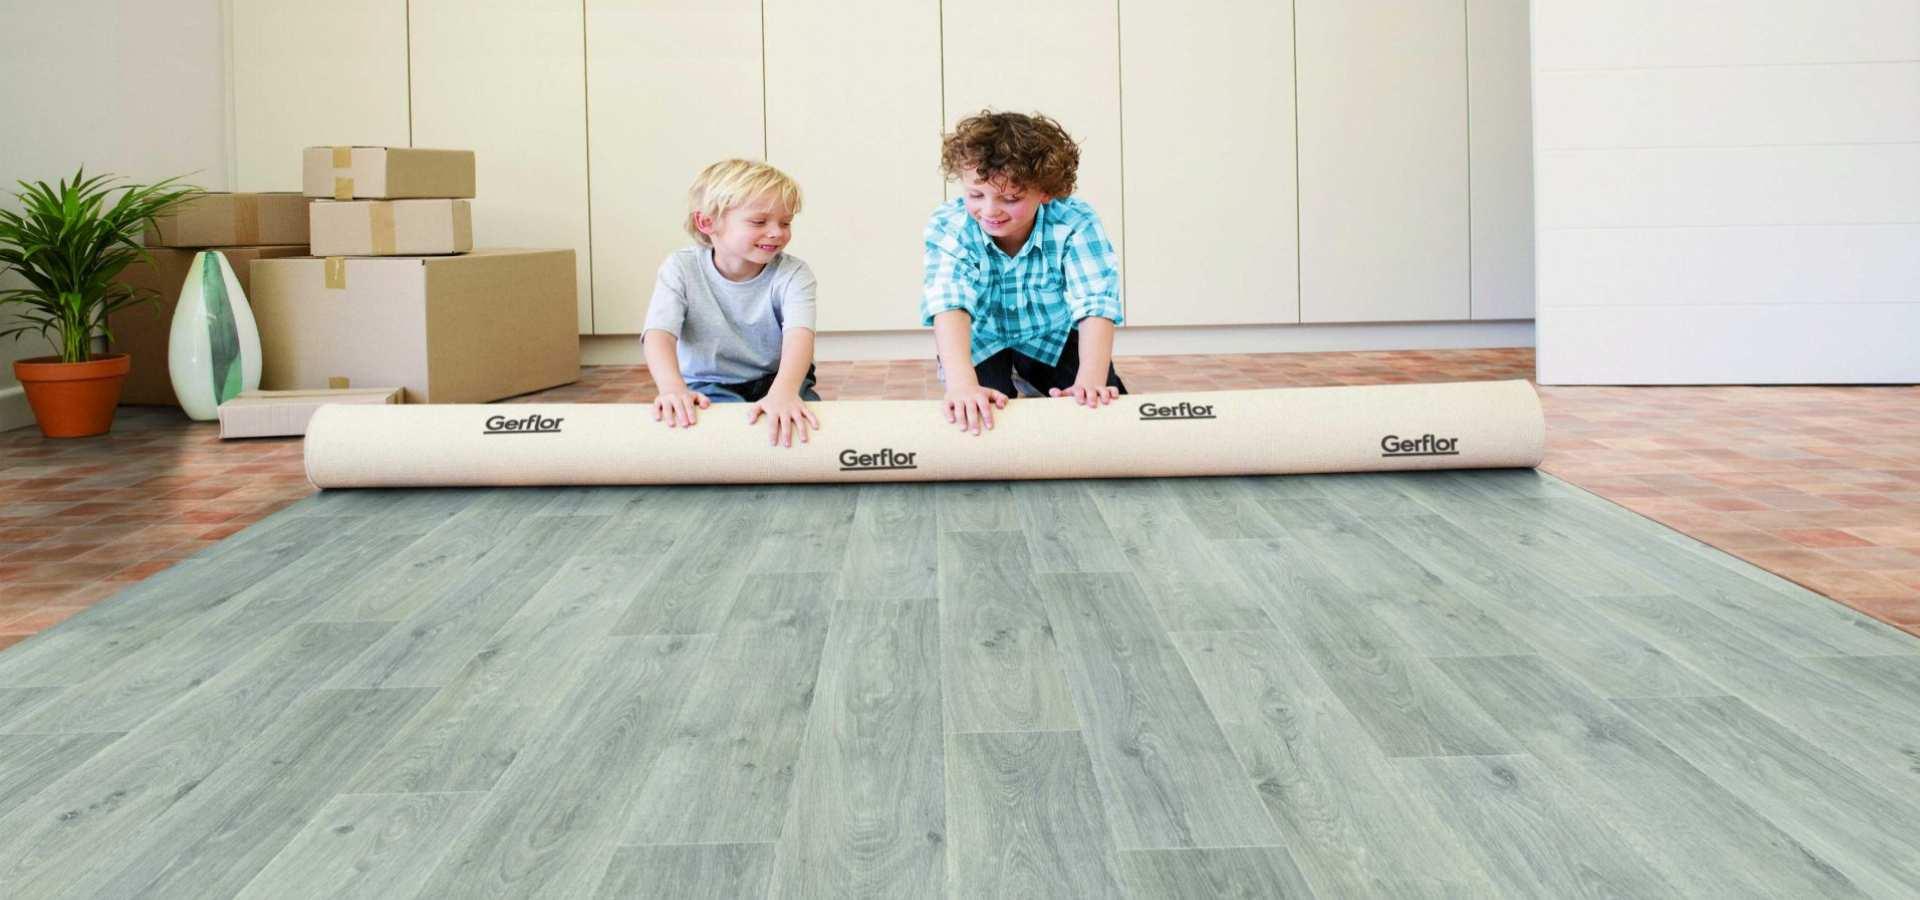 Bild Kinderzimmer CV Belag Holz grün